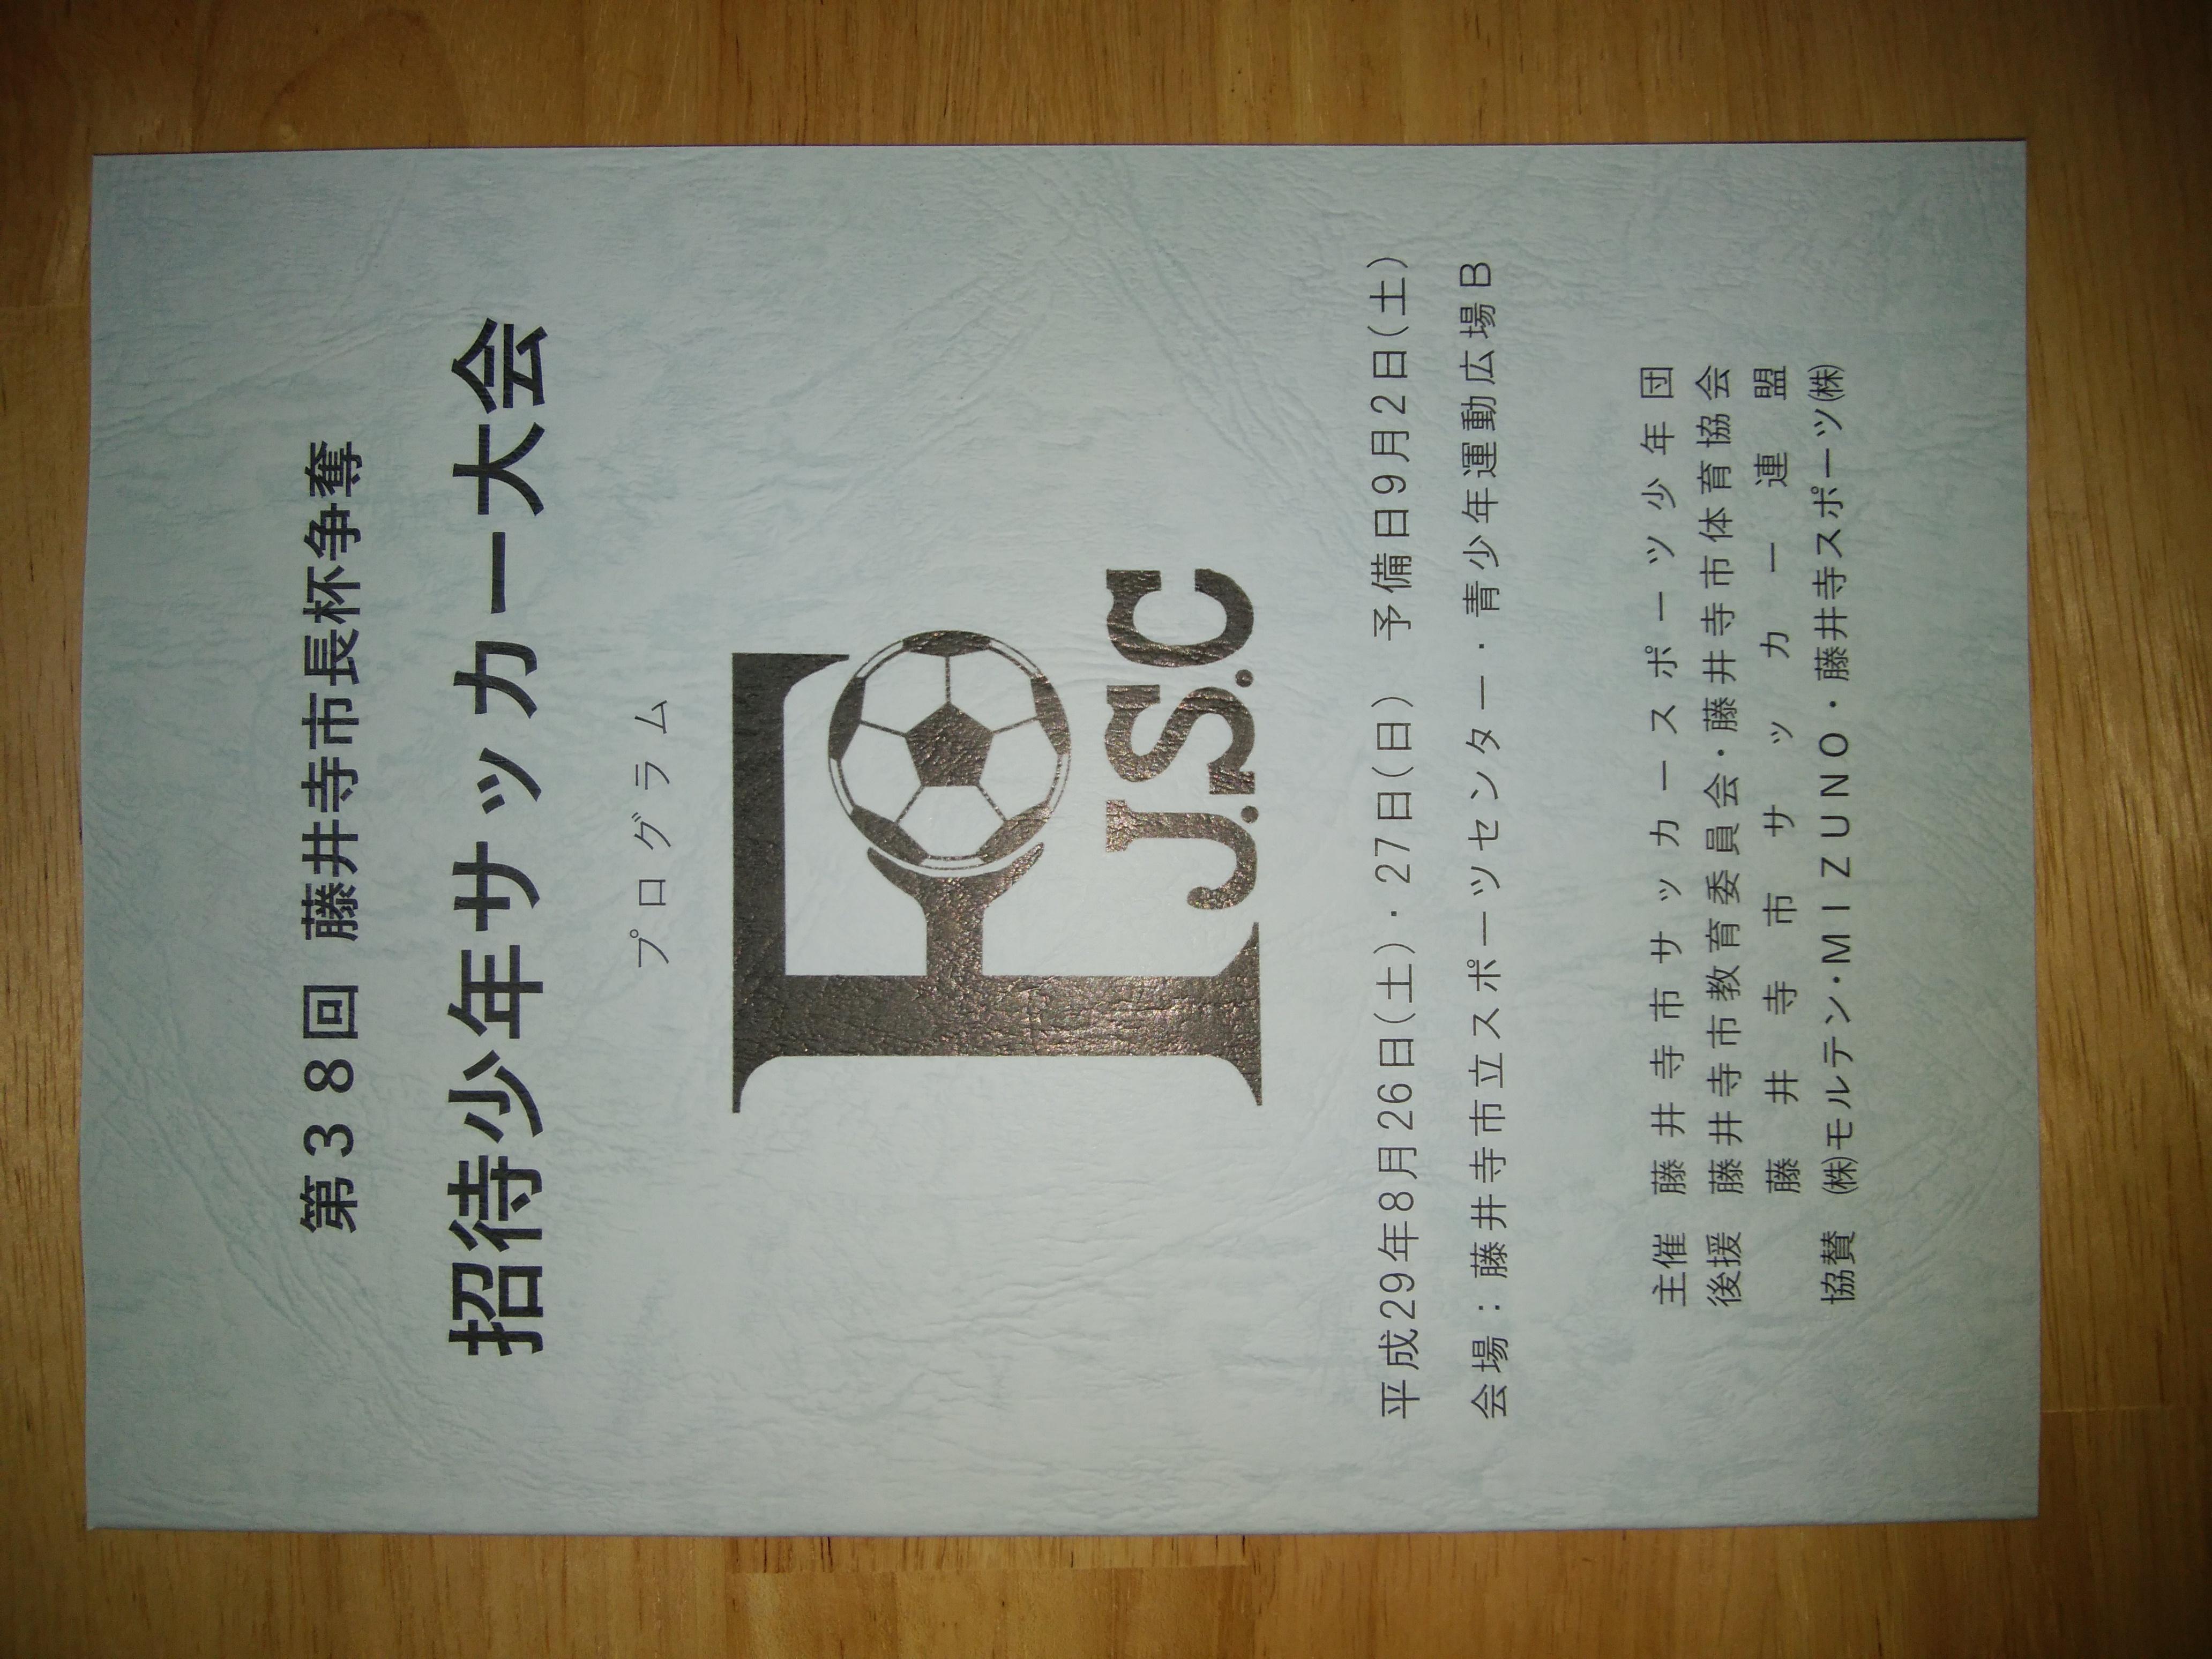 藤井寺市サッカースポーツ少年団様が実際にイシダ印刷で印刷・製本した画像